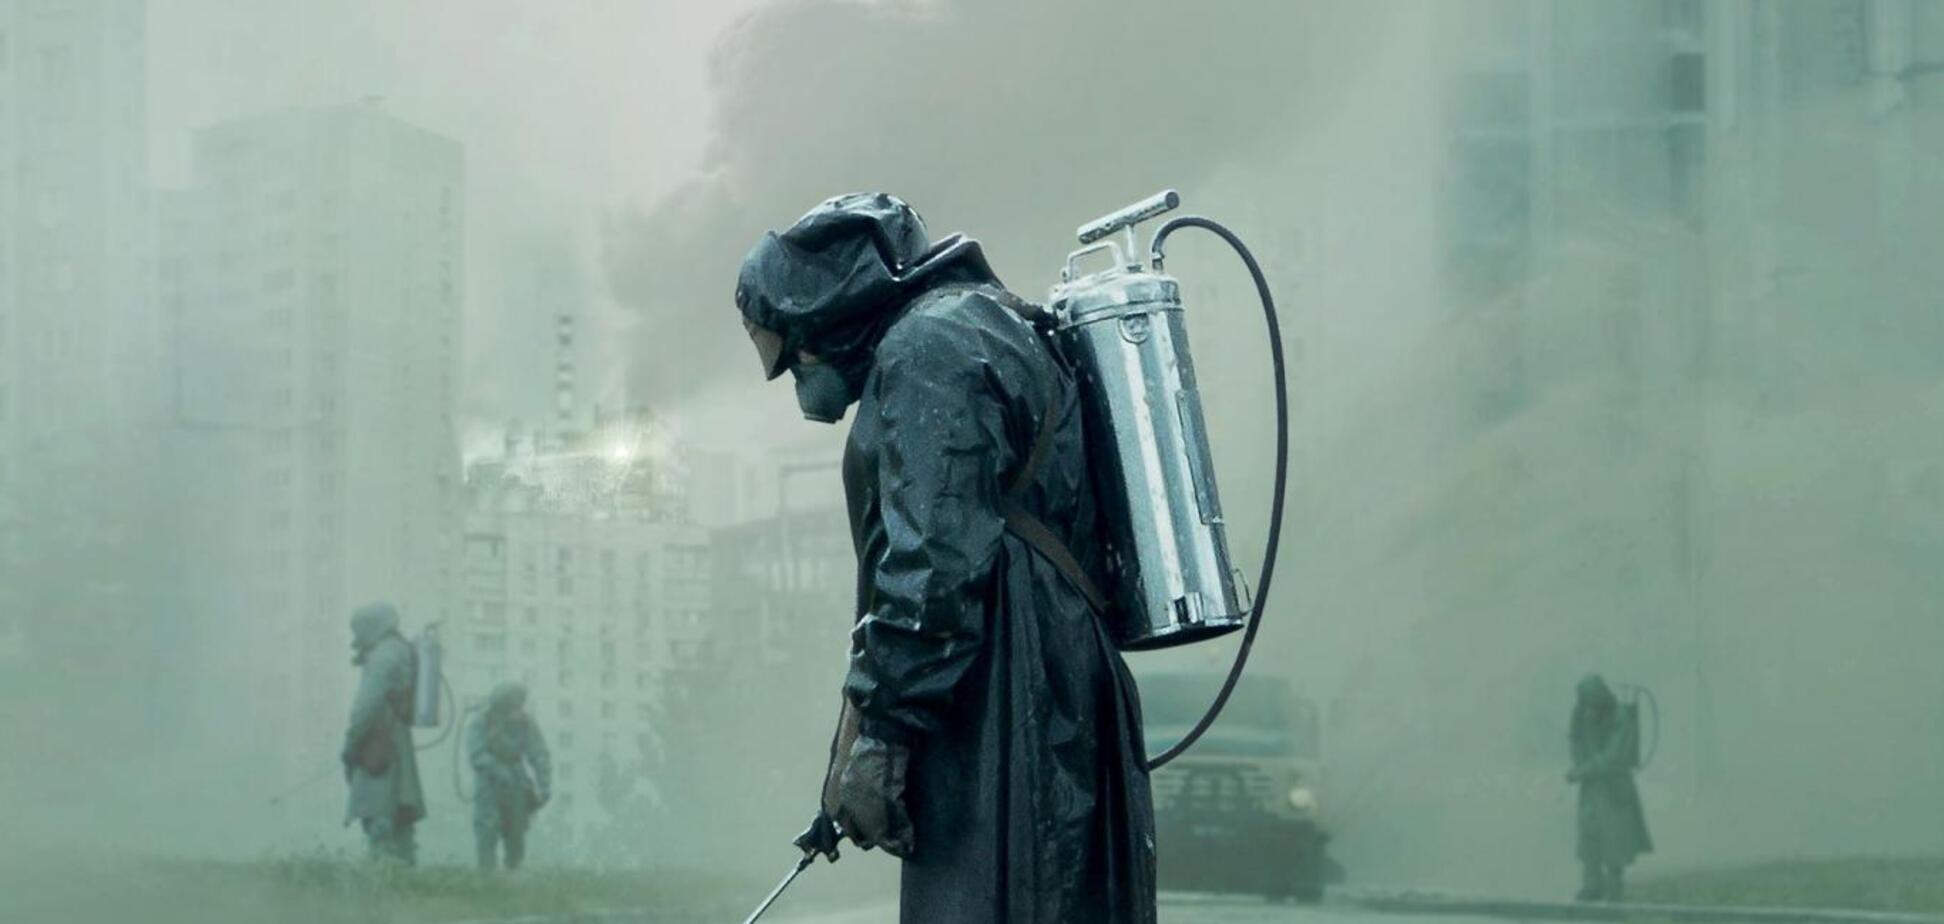 Героиня 'Чернобыля' случайно узнала о своем участии в сериале и подала в суд на НВО